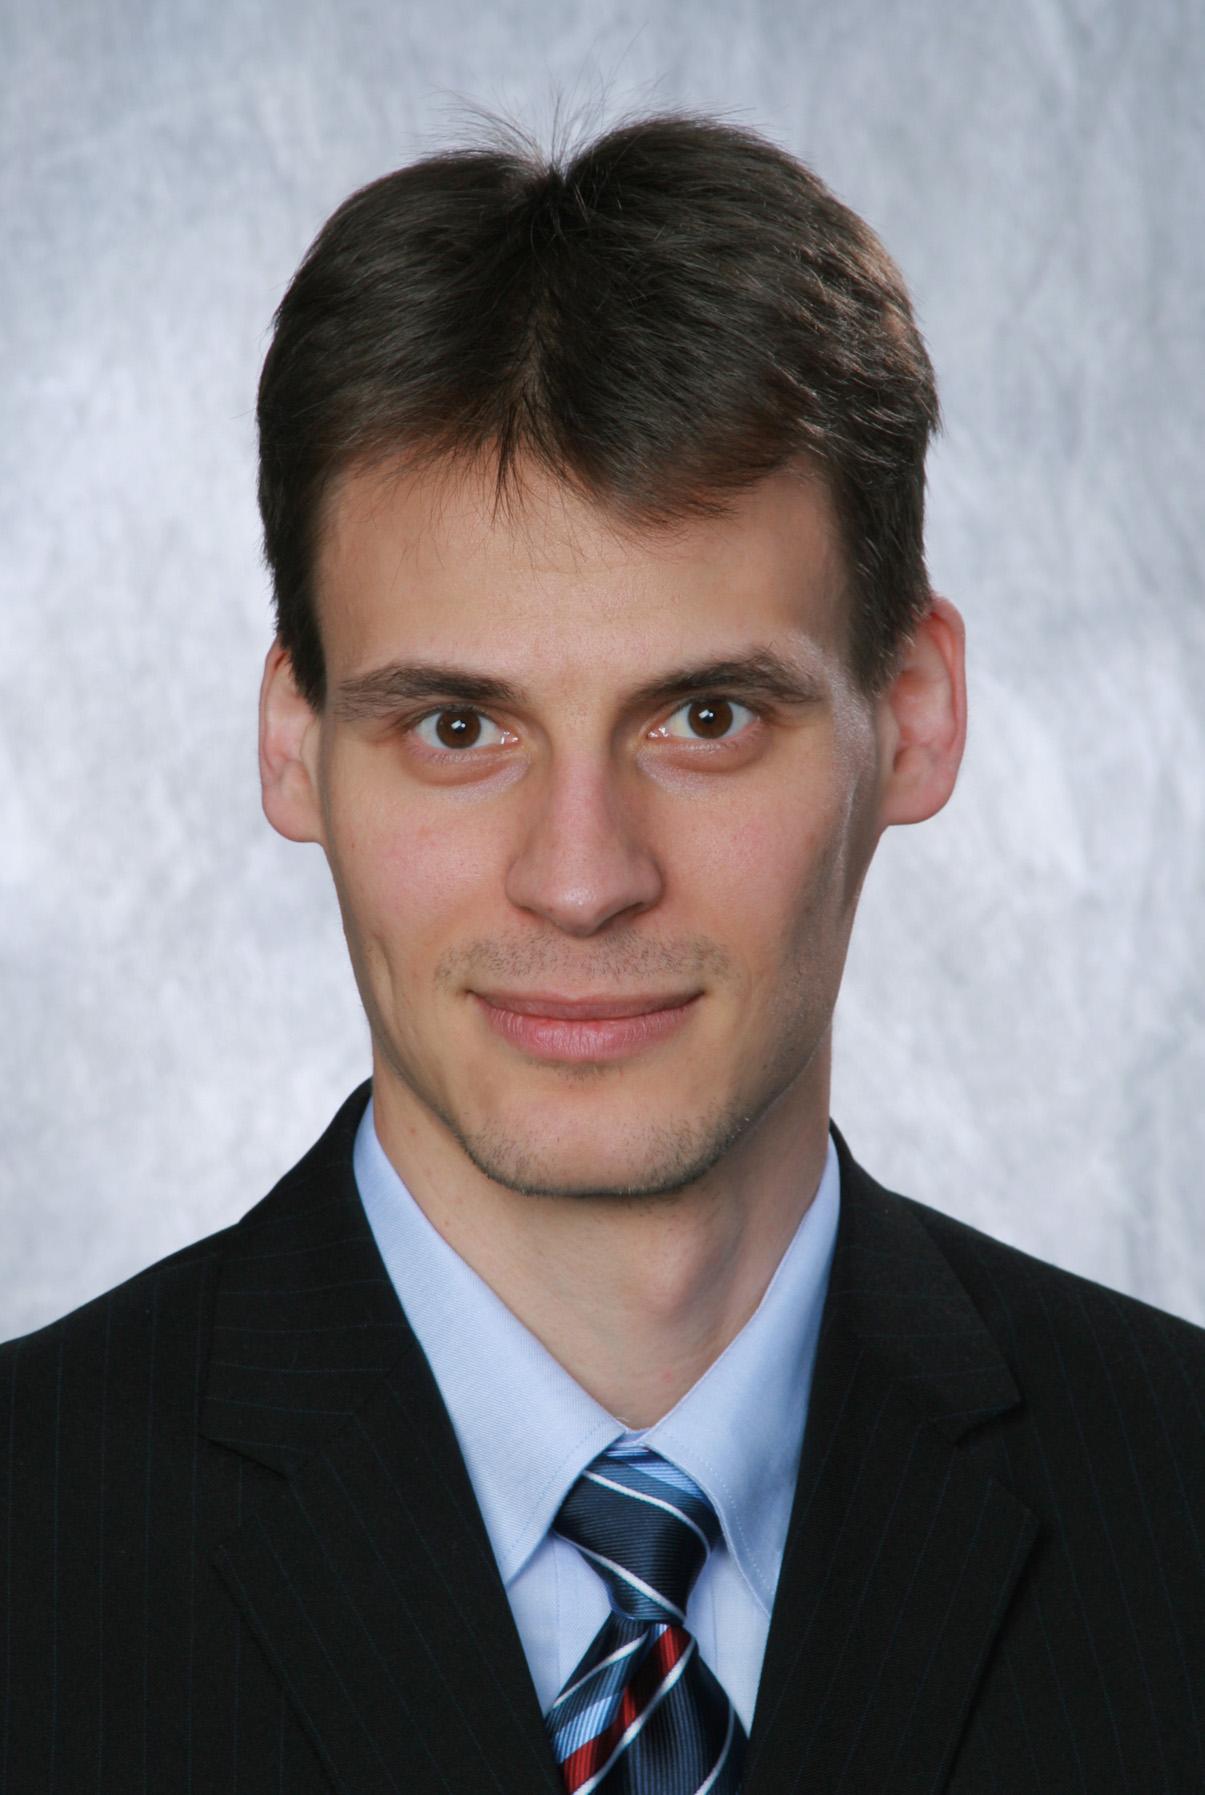 Portrait von Jürgen Reiser